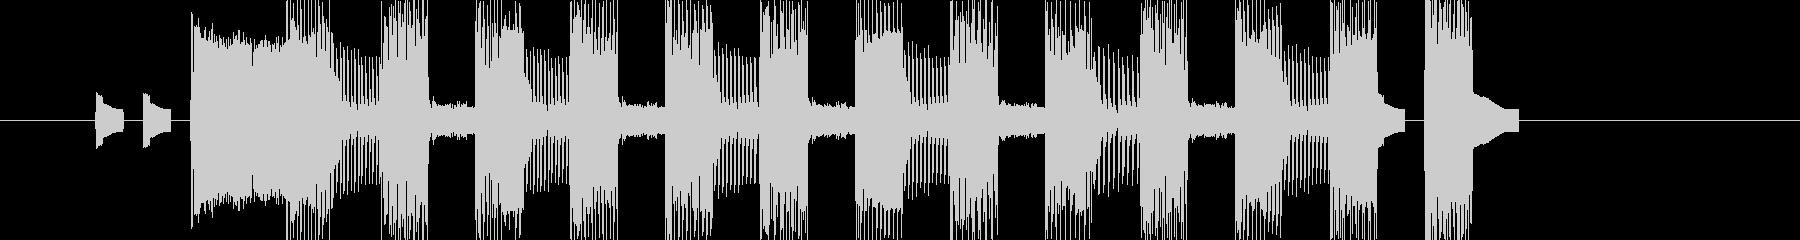 レトロゲームなチップチューンジングル19の未再生の波形